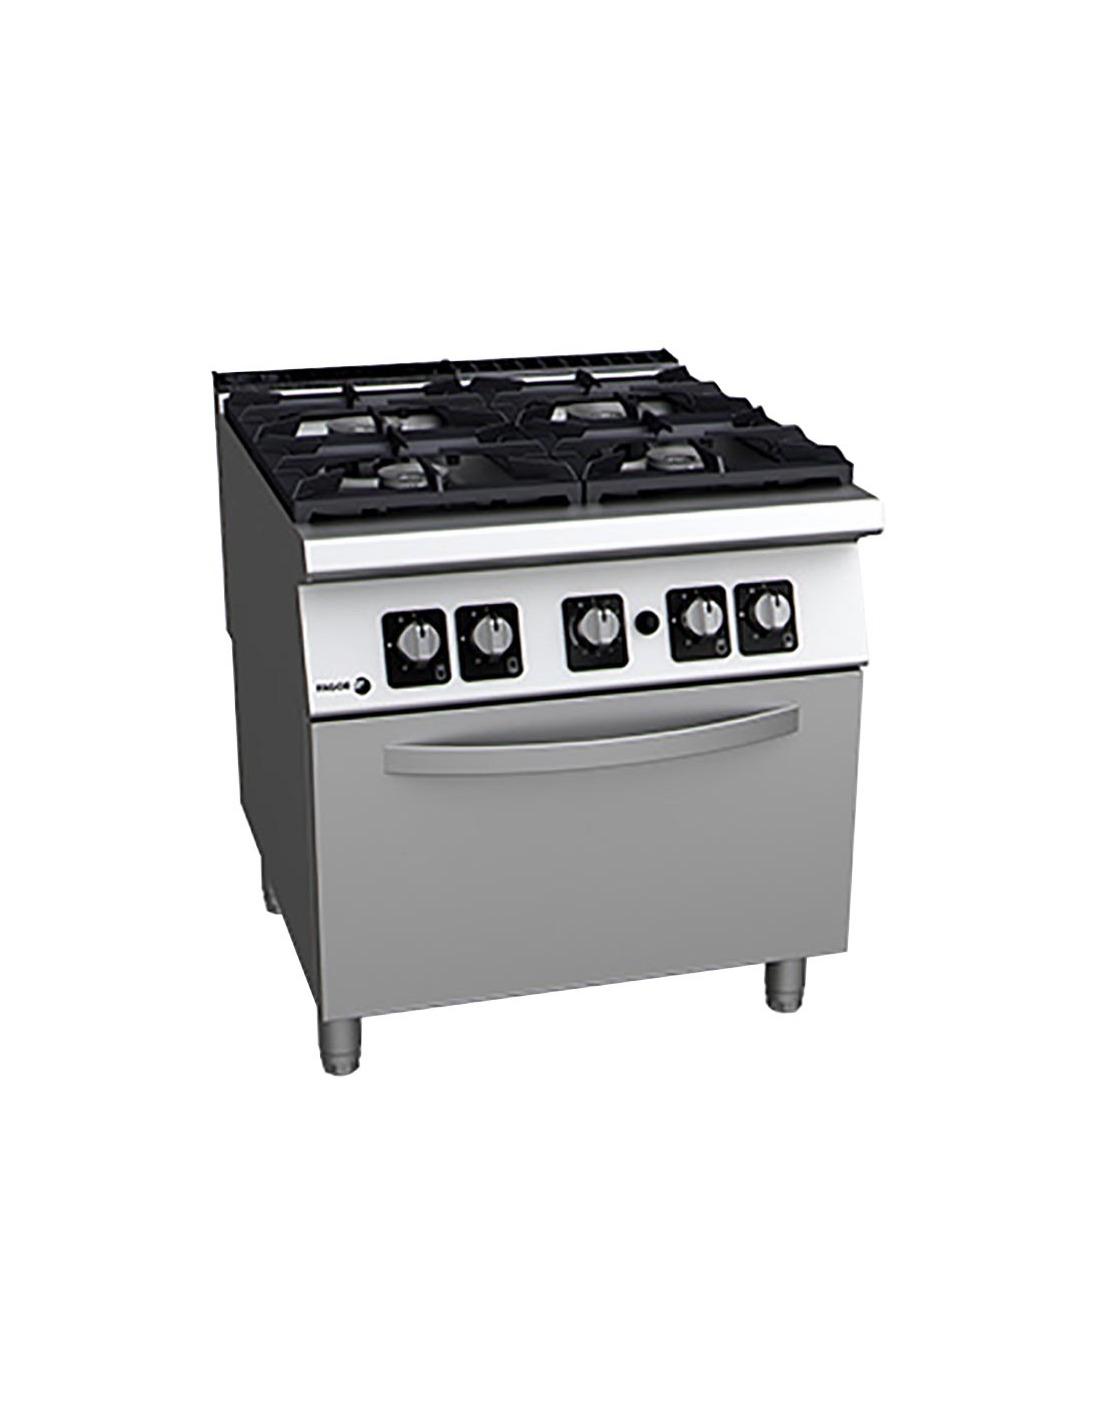 Cocina industrial Fagor CG941